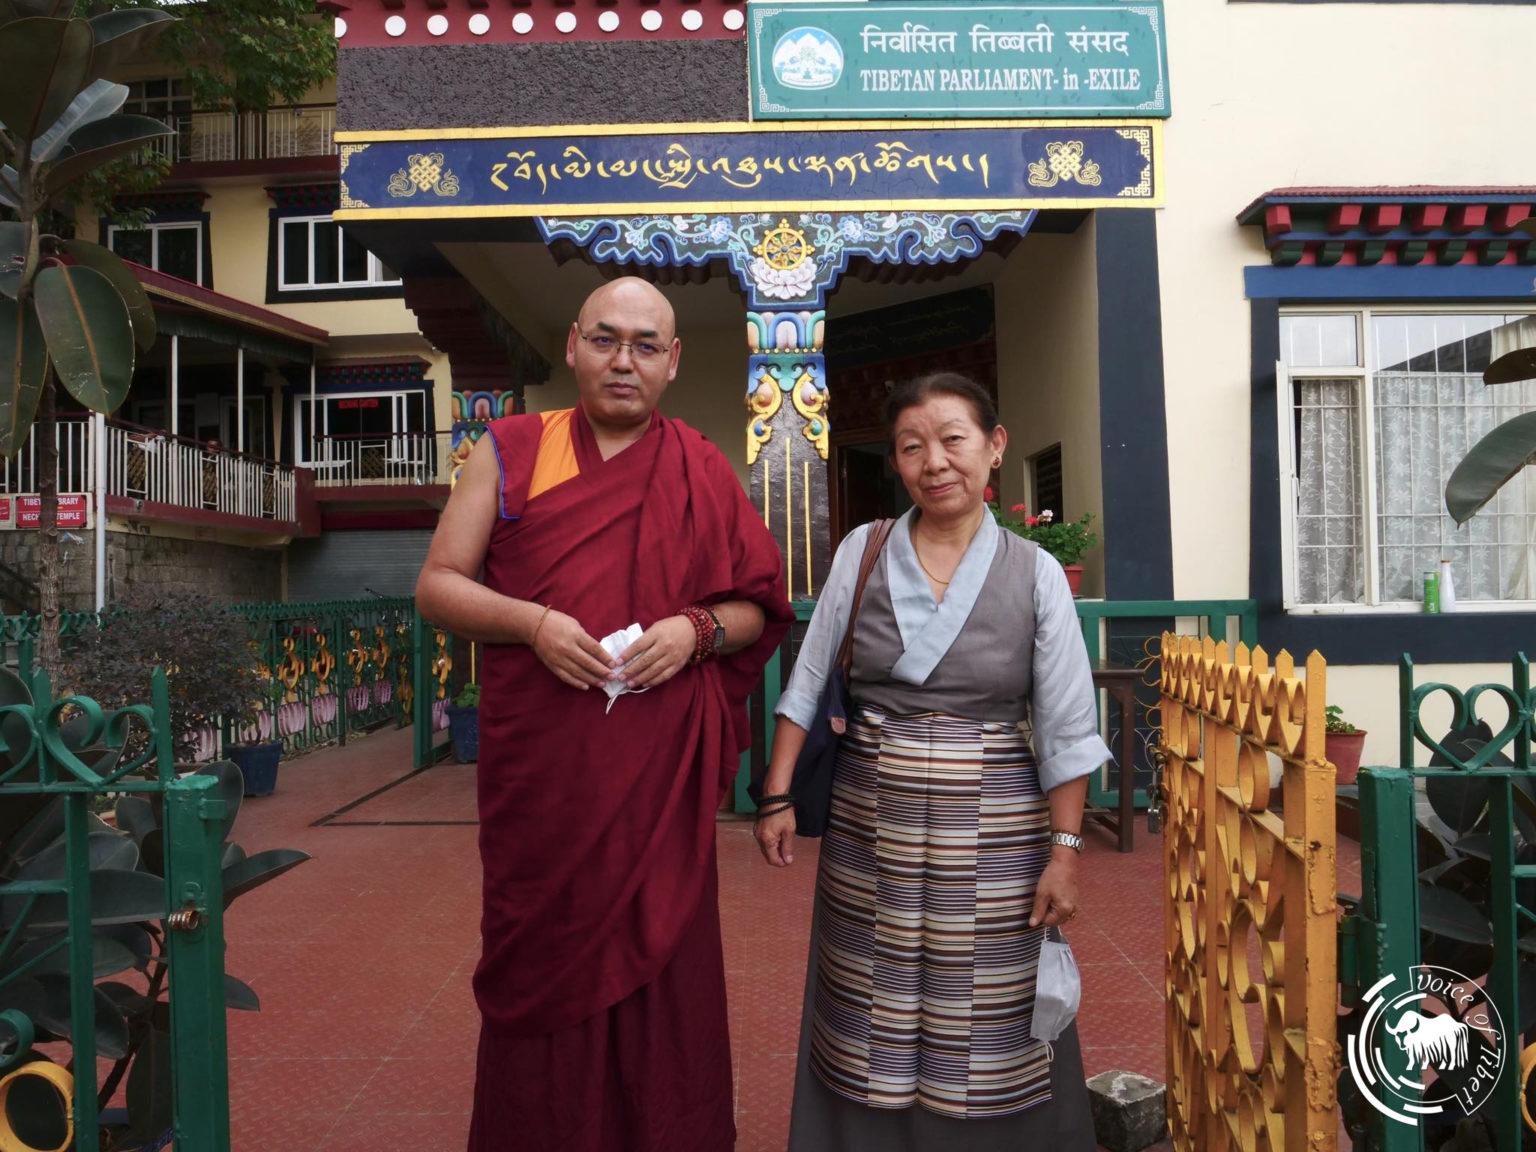 第十七届西藏人民议会选举产生新一届议长